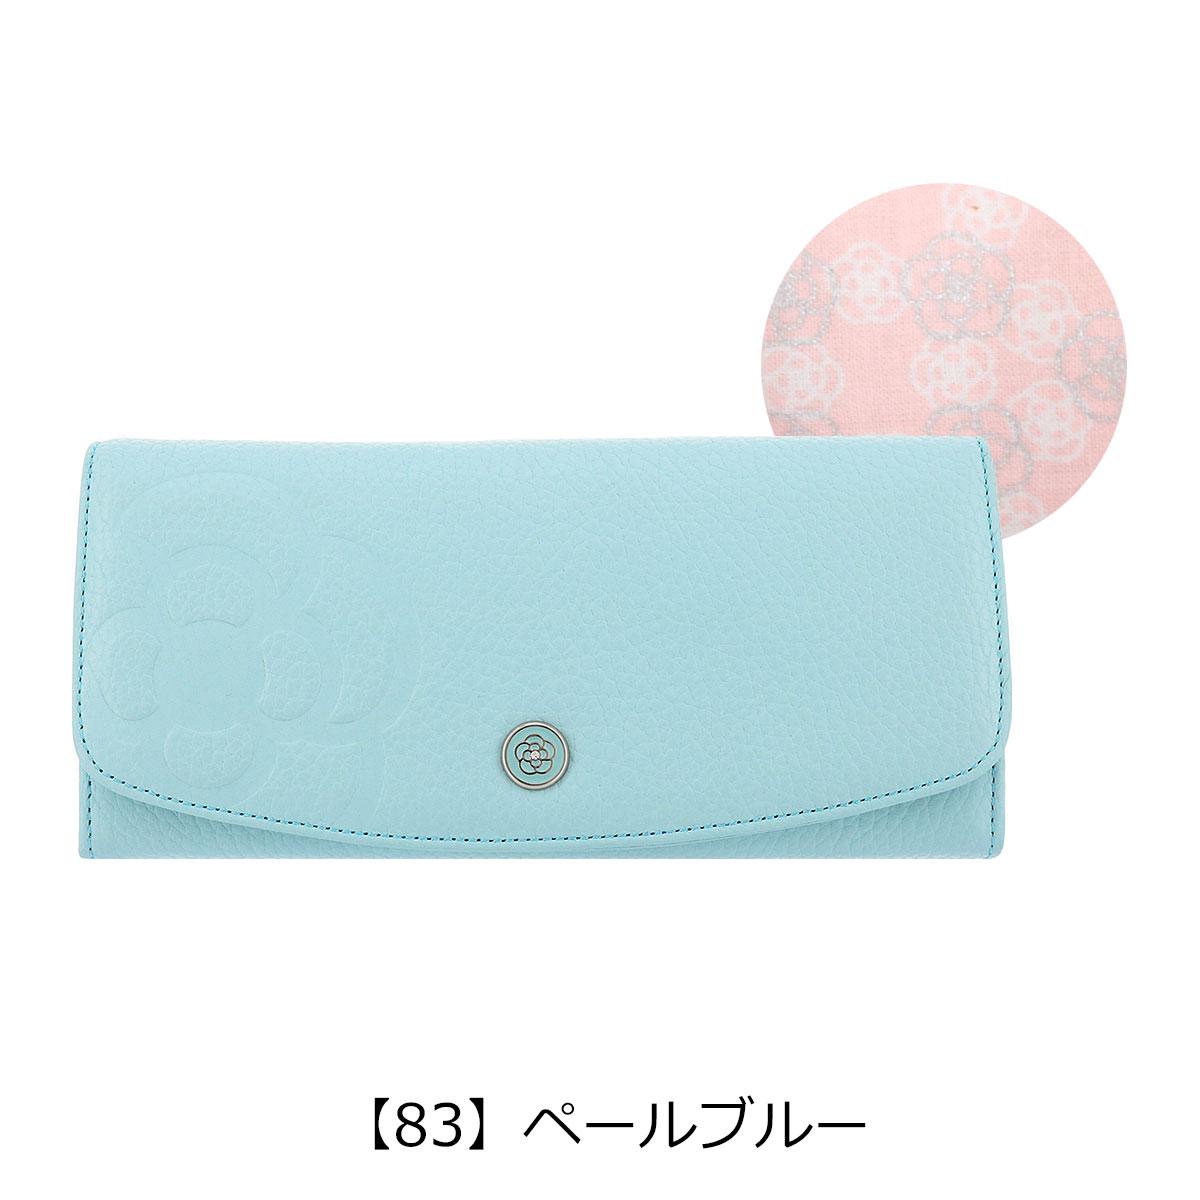 【83】ペールブルー